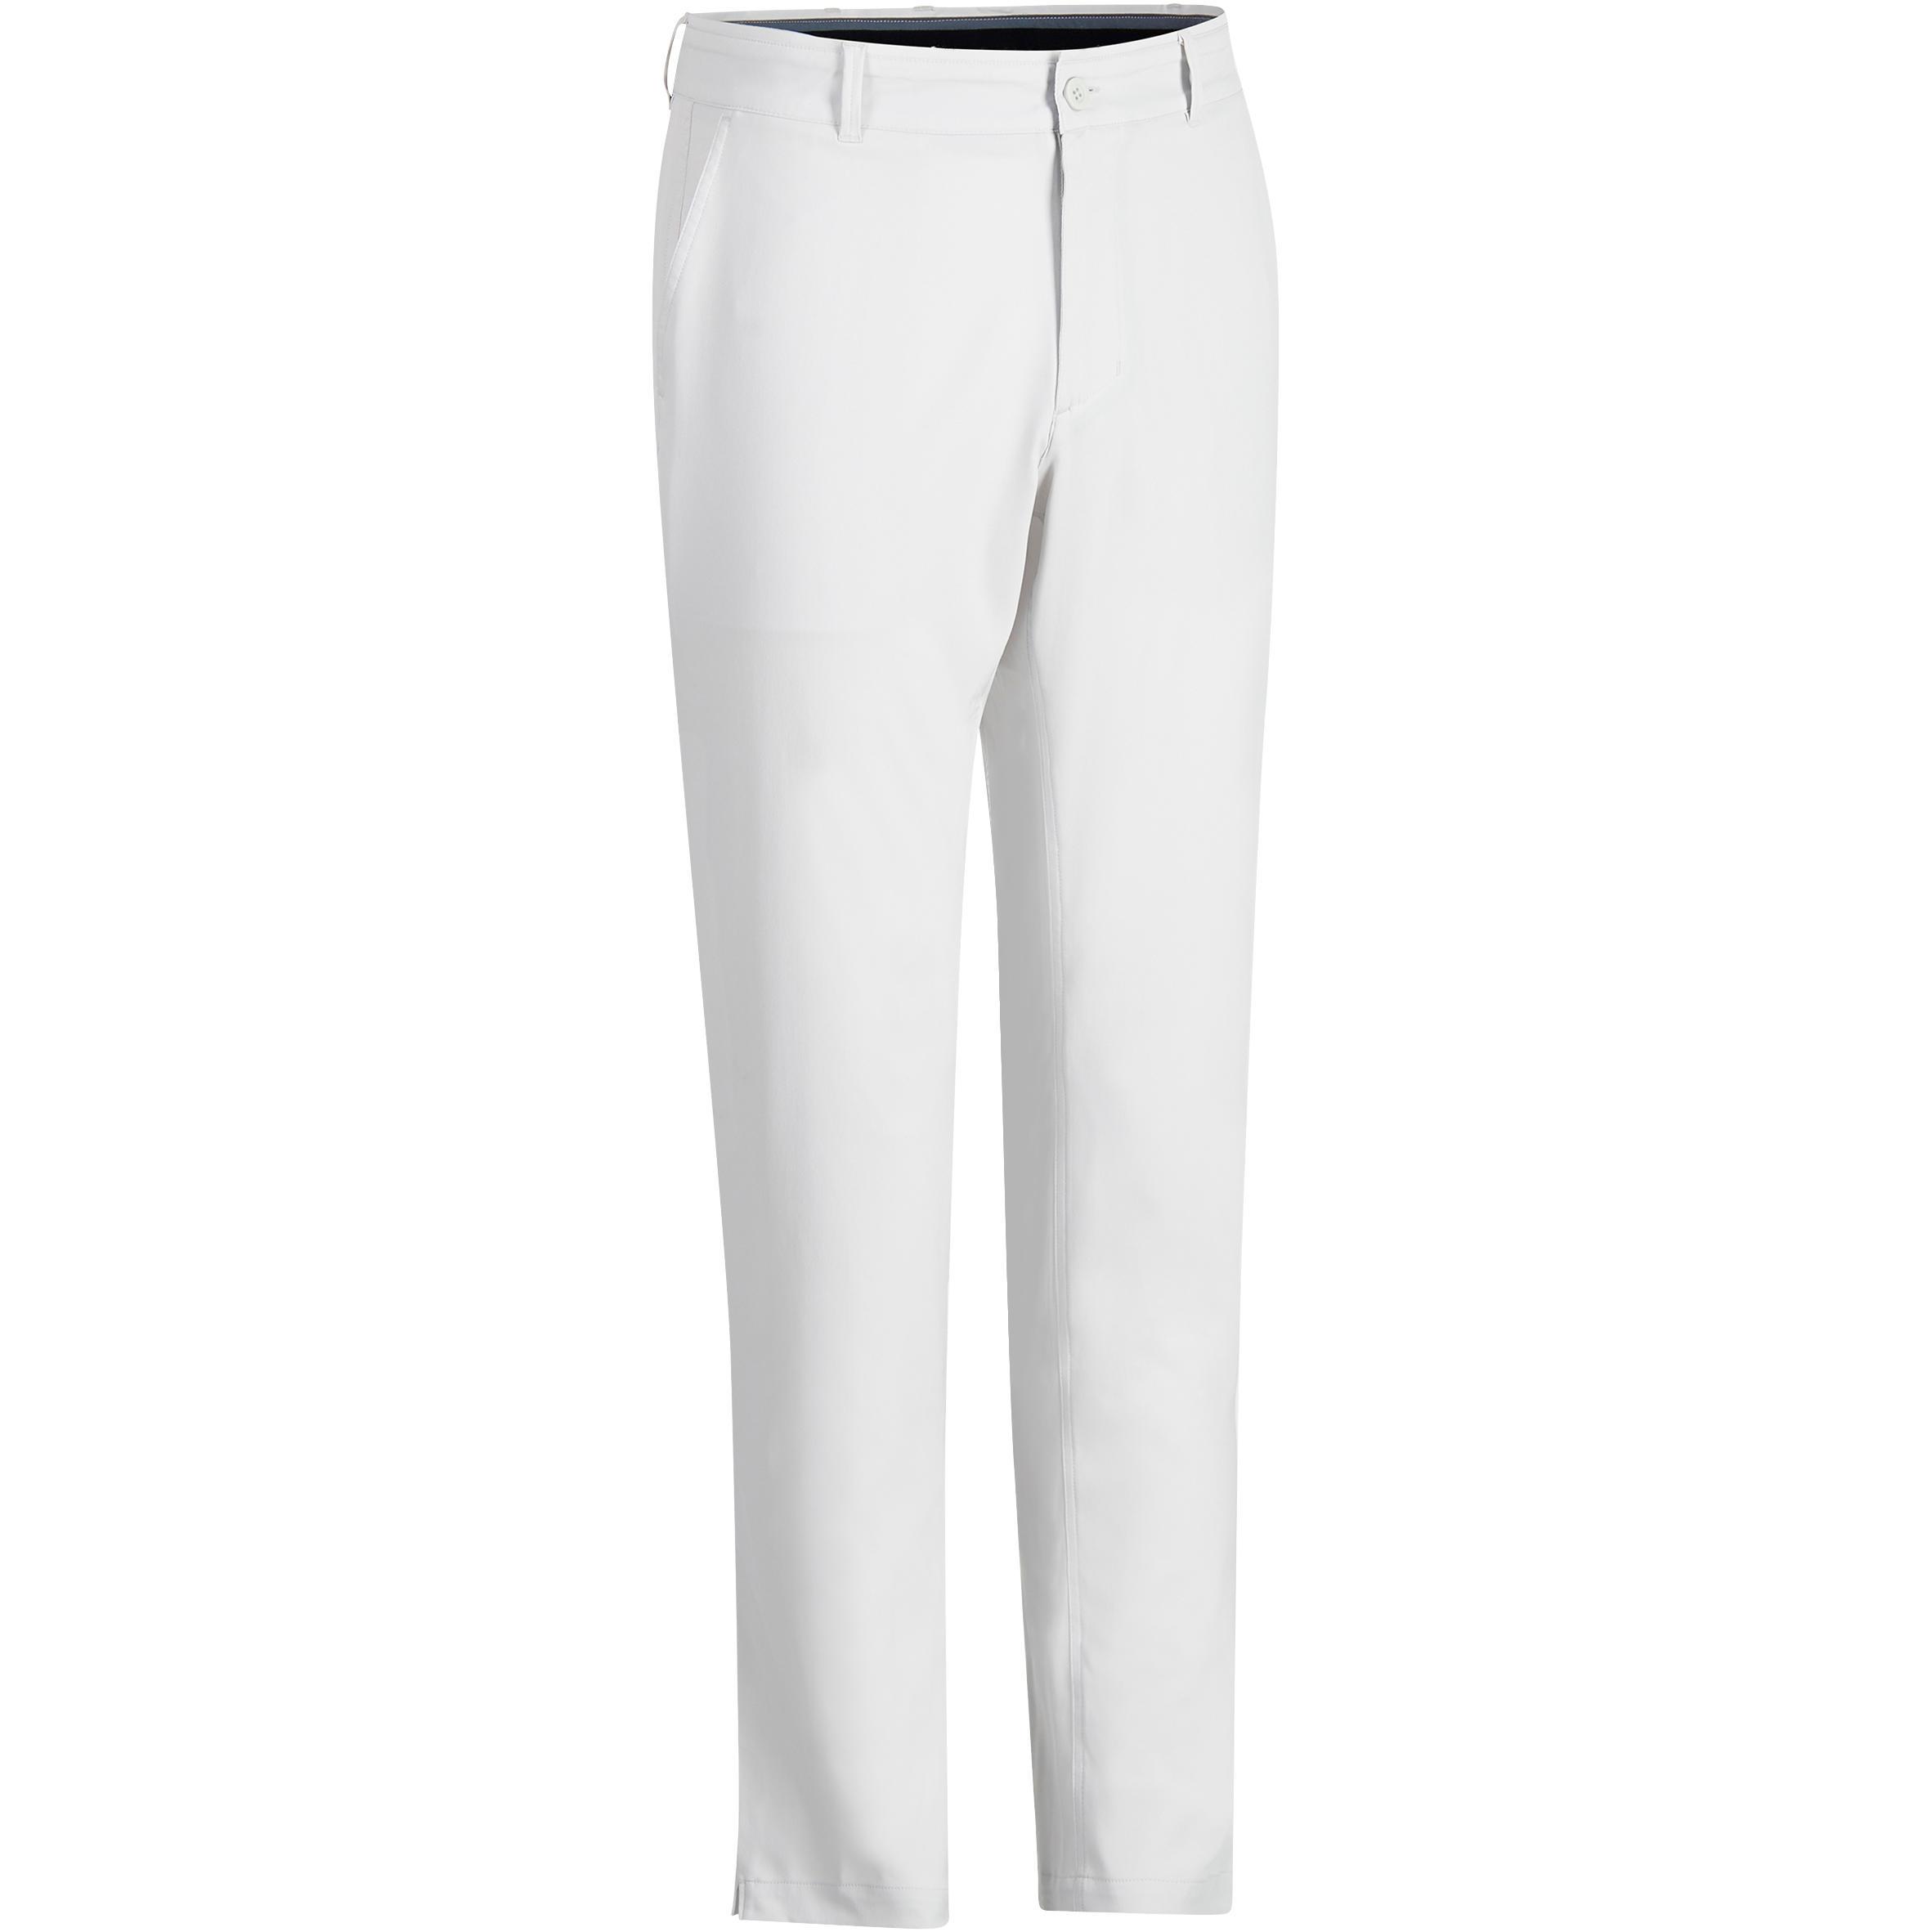 Pantalón de golf hombre 900 clima caluroso gris claro